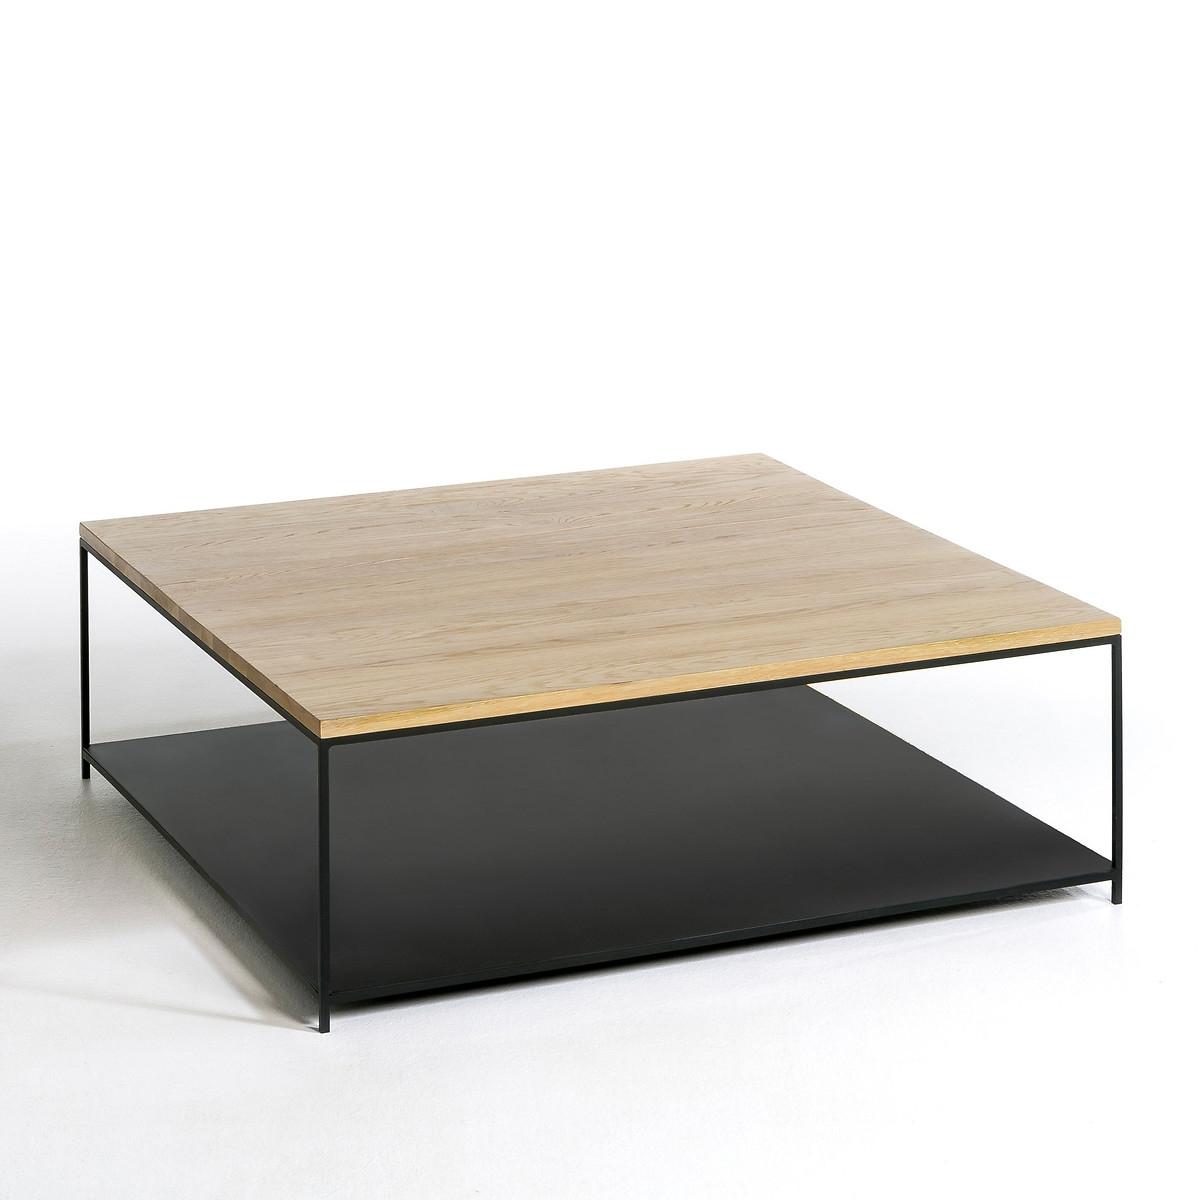 Квадратный LaRedoute Журнальный столик Aranza единый размер каштановый